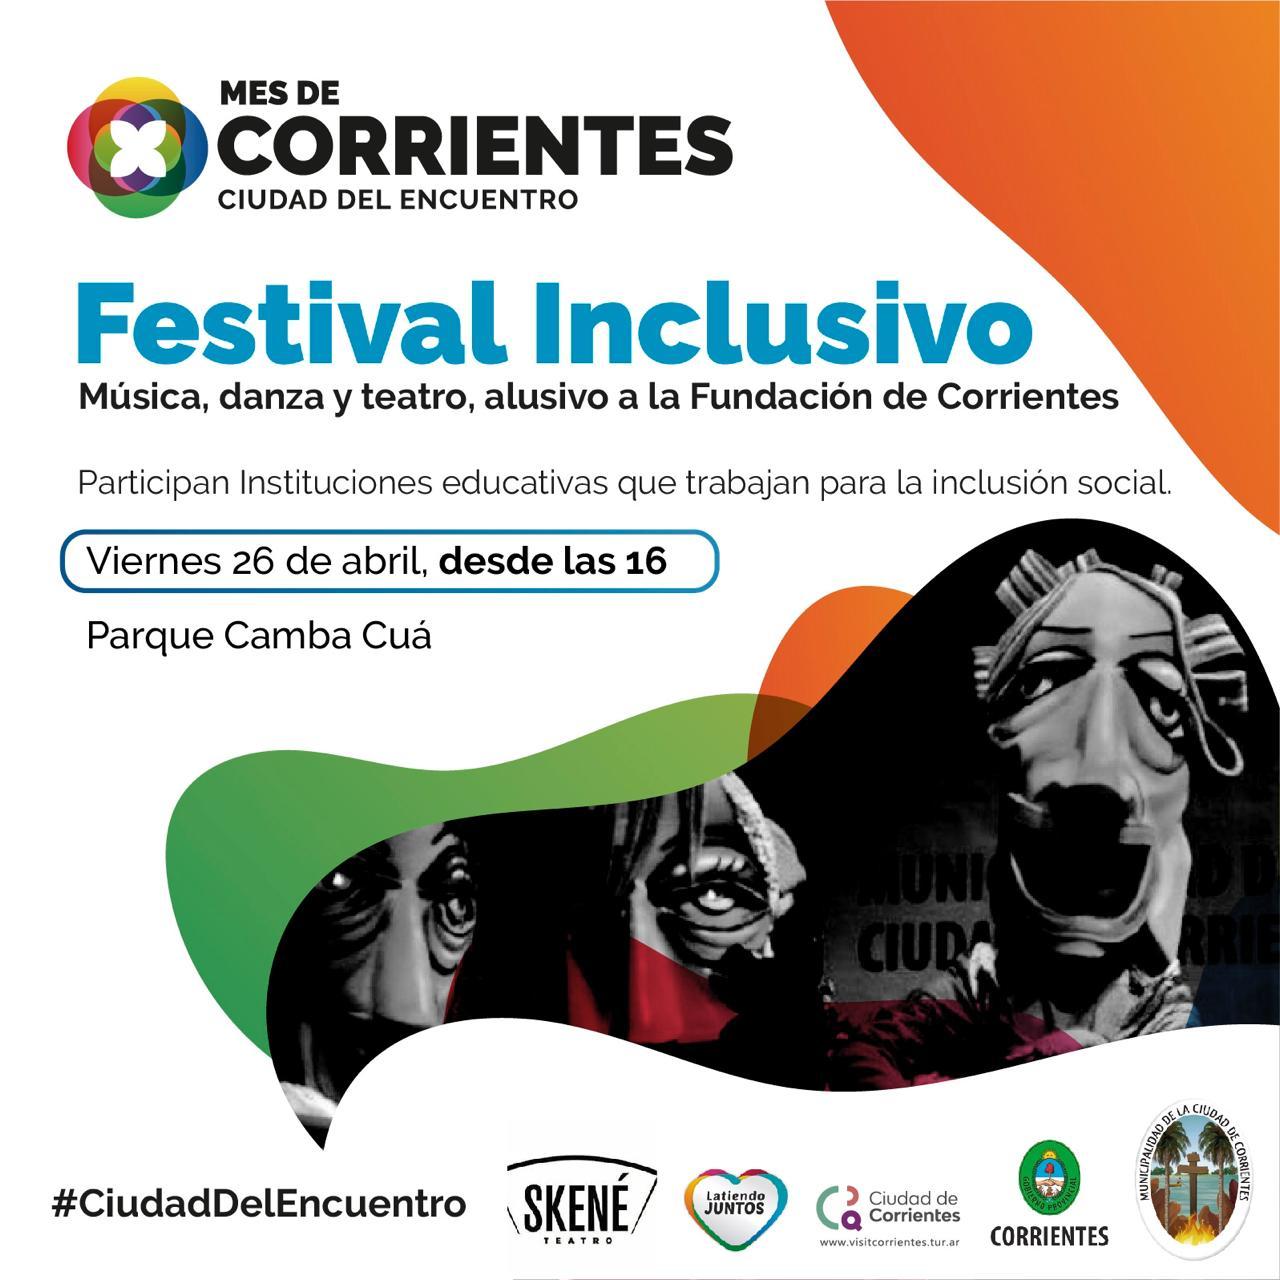 Festival inclusivo por la Fundación de Corrientes